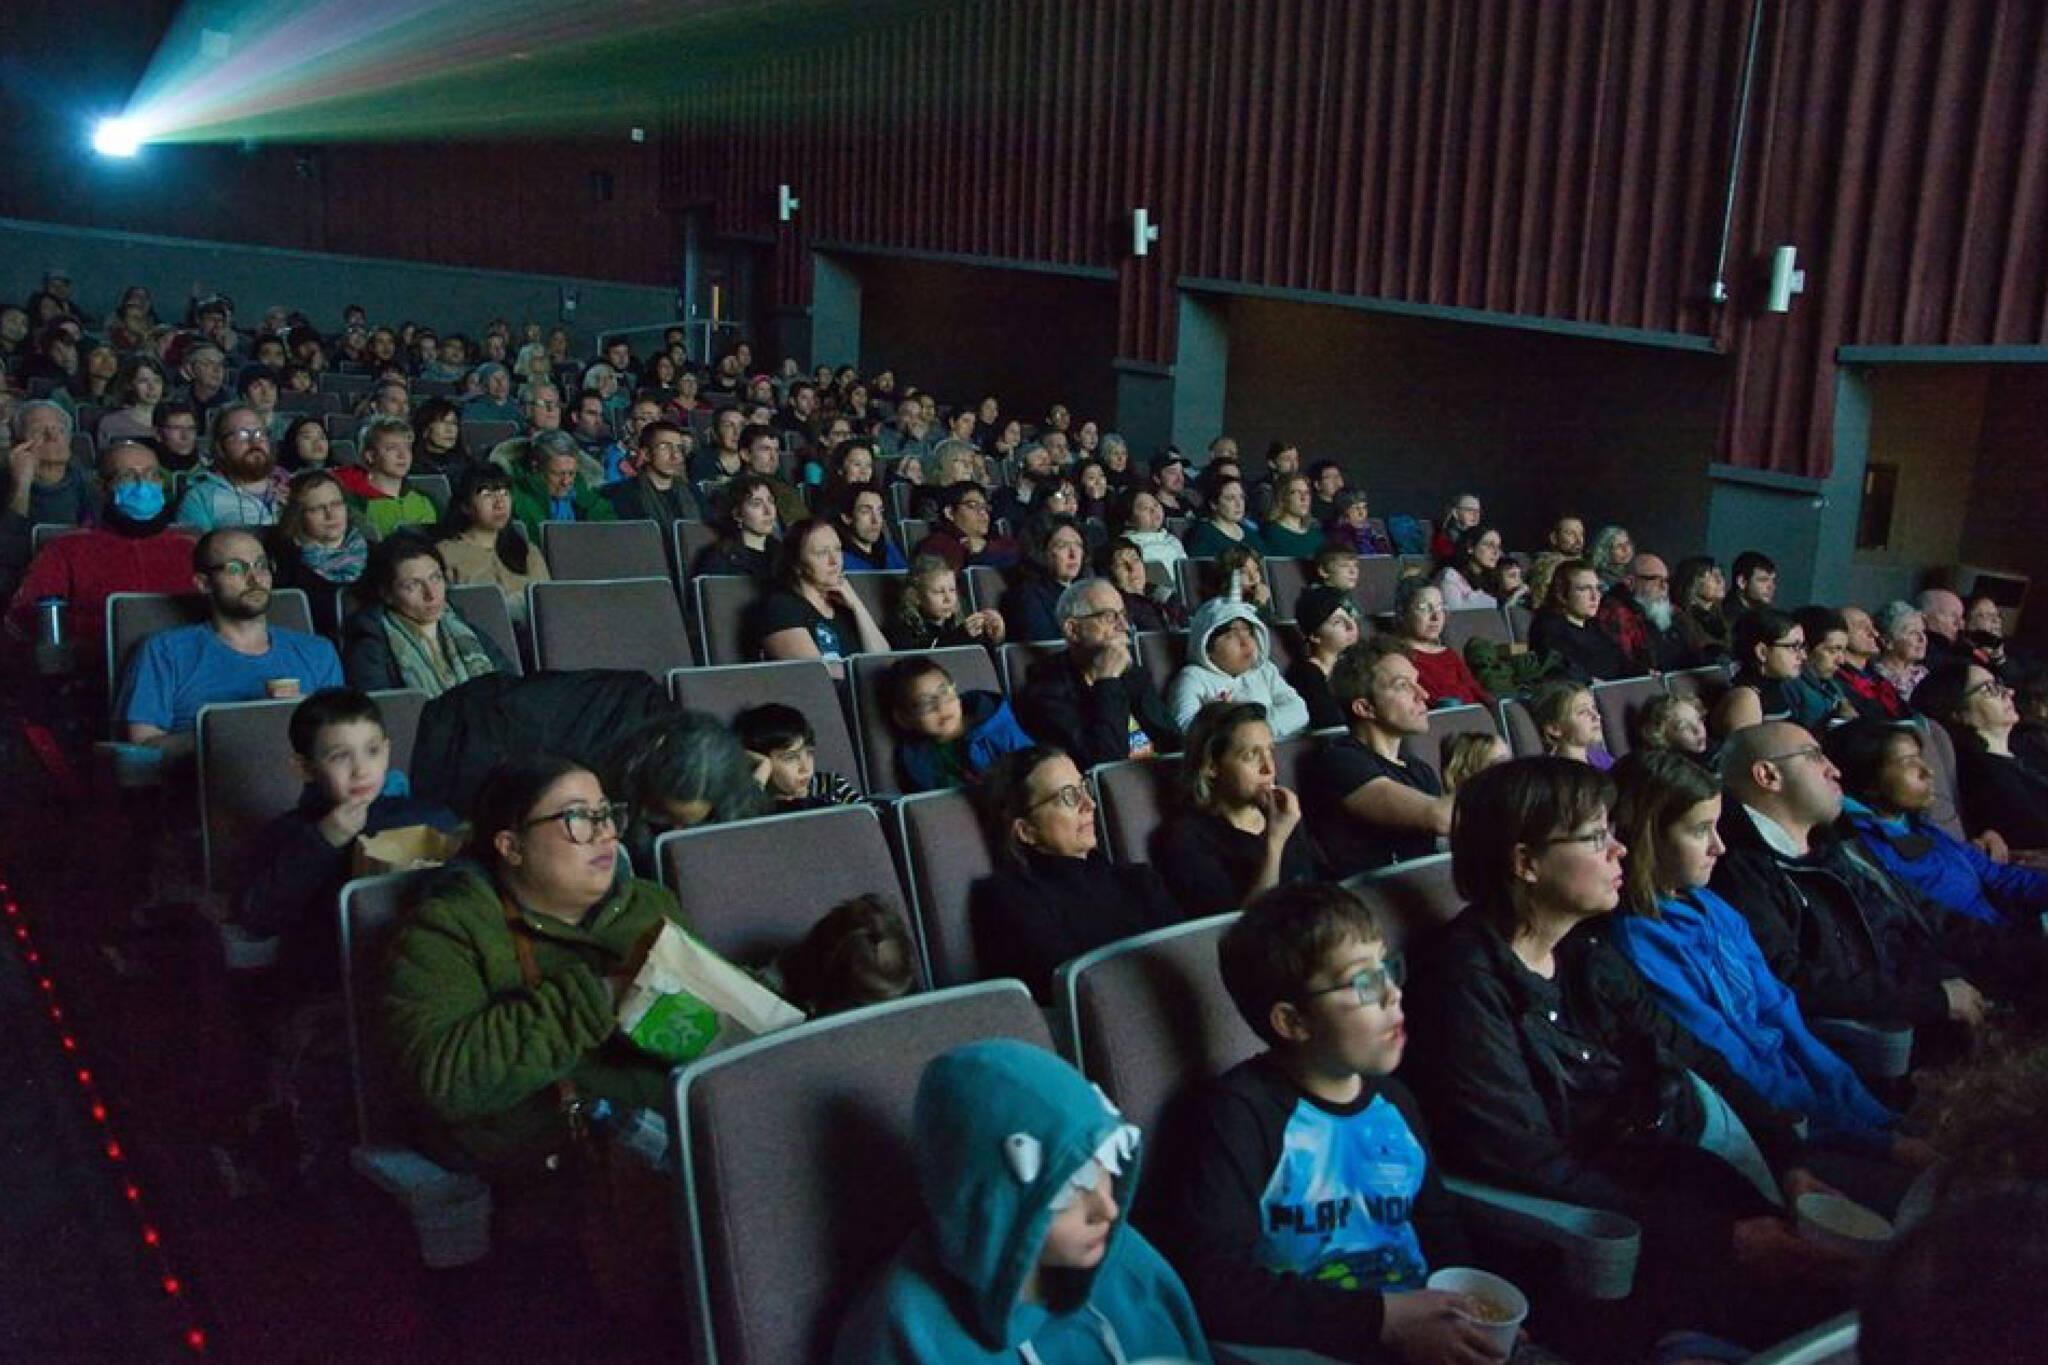 movie theatres reopen